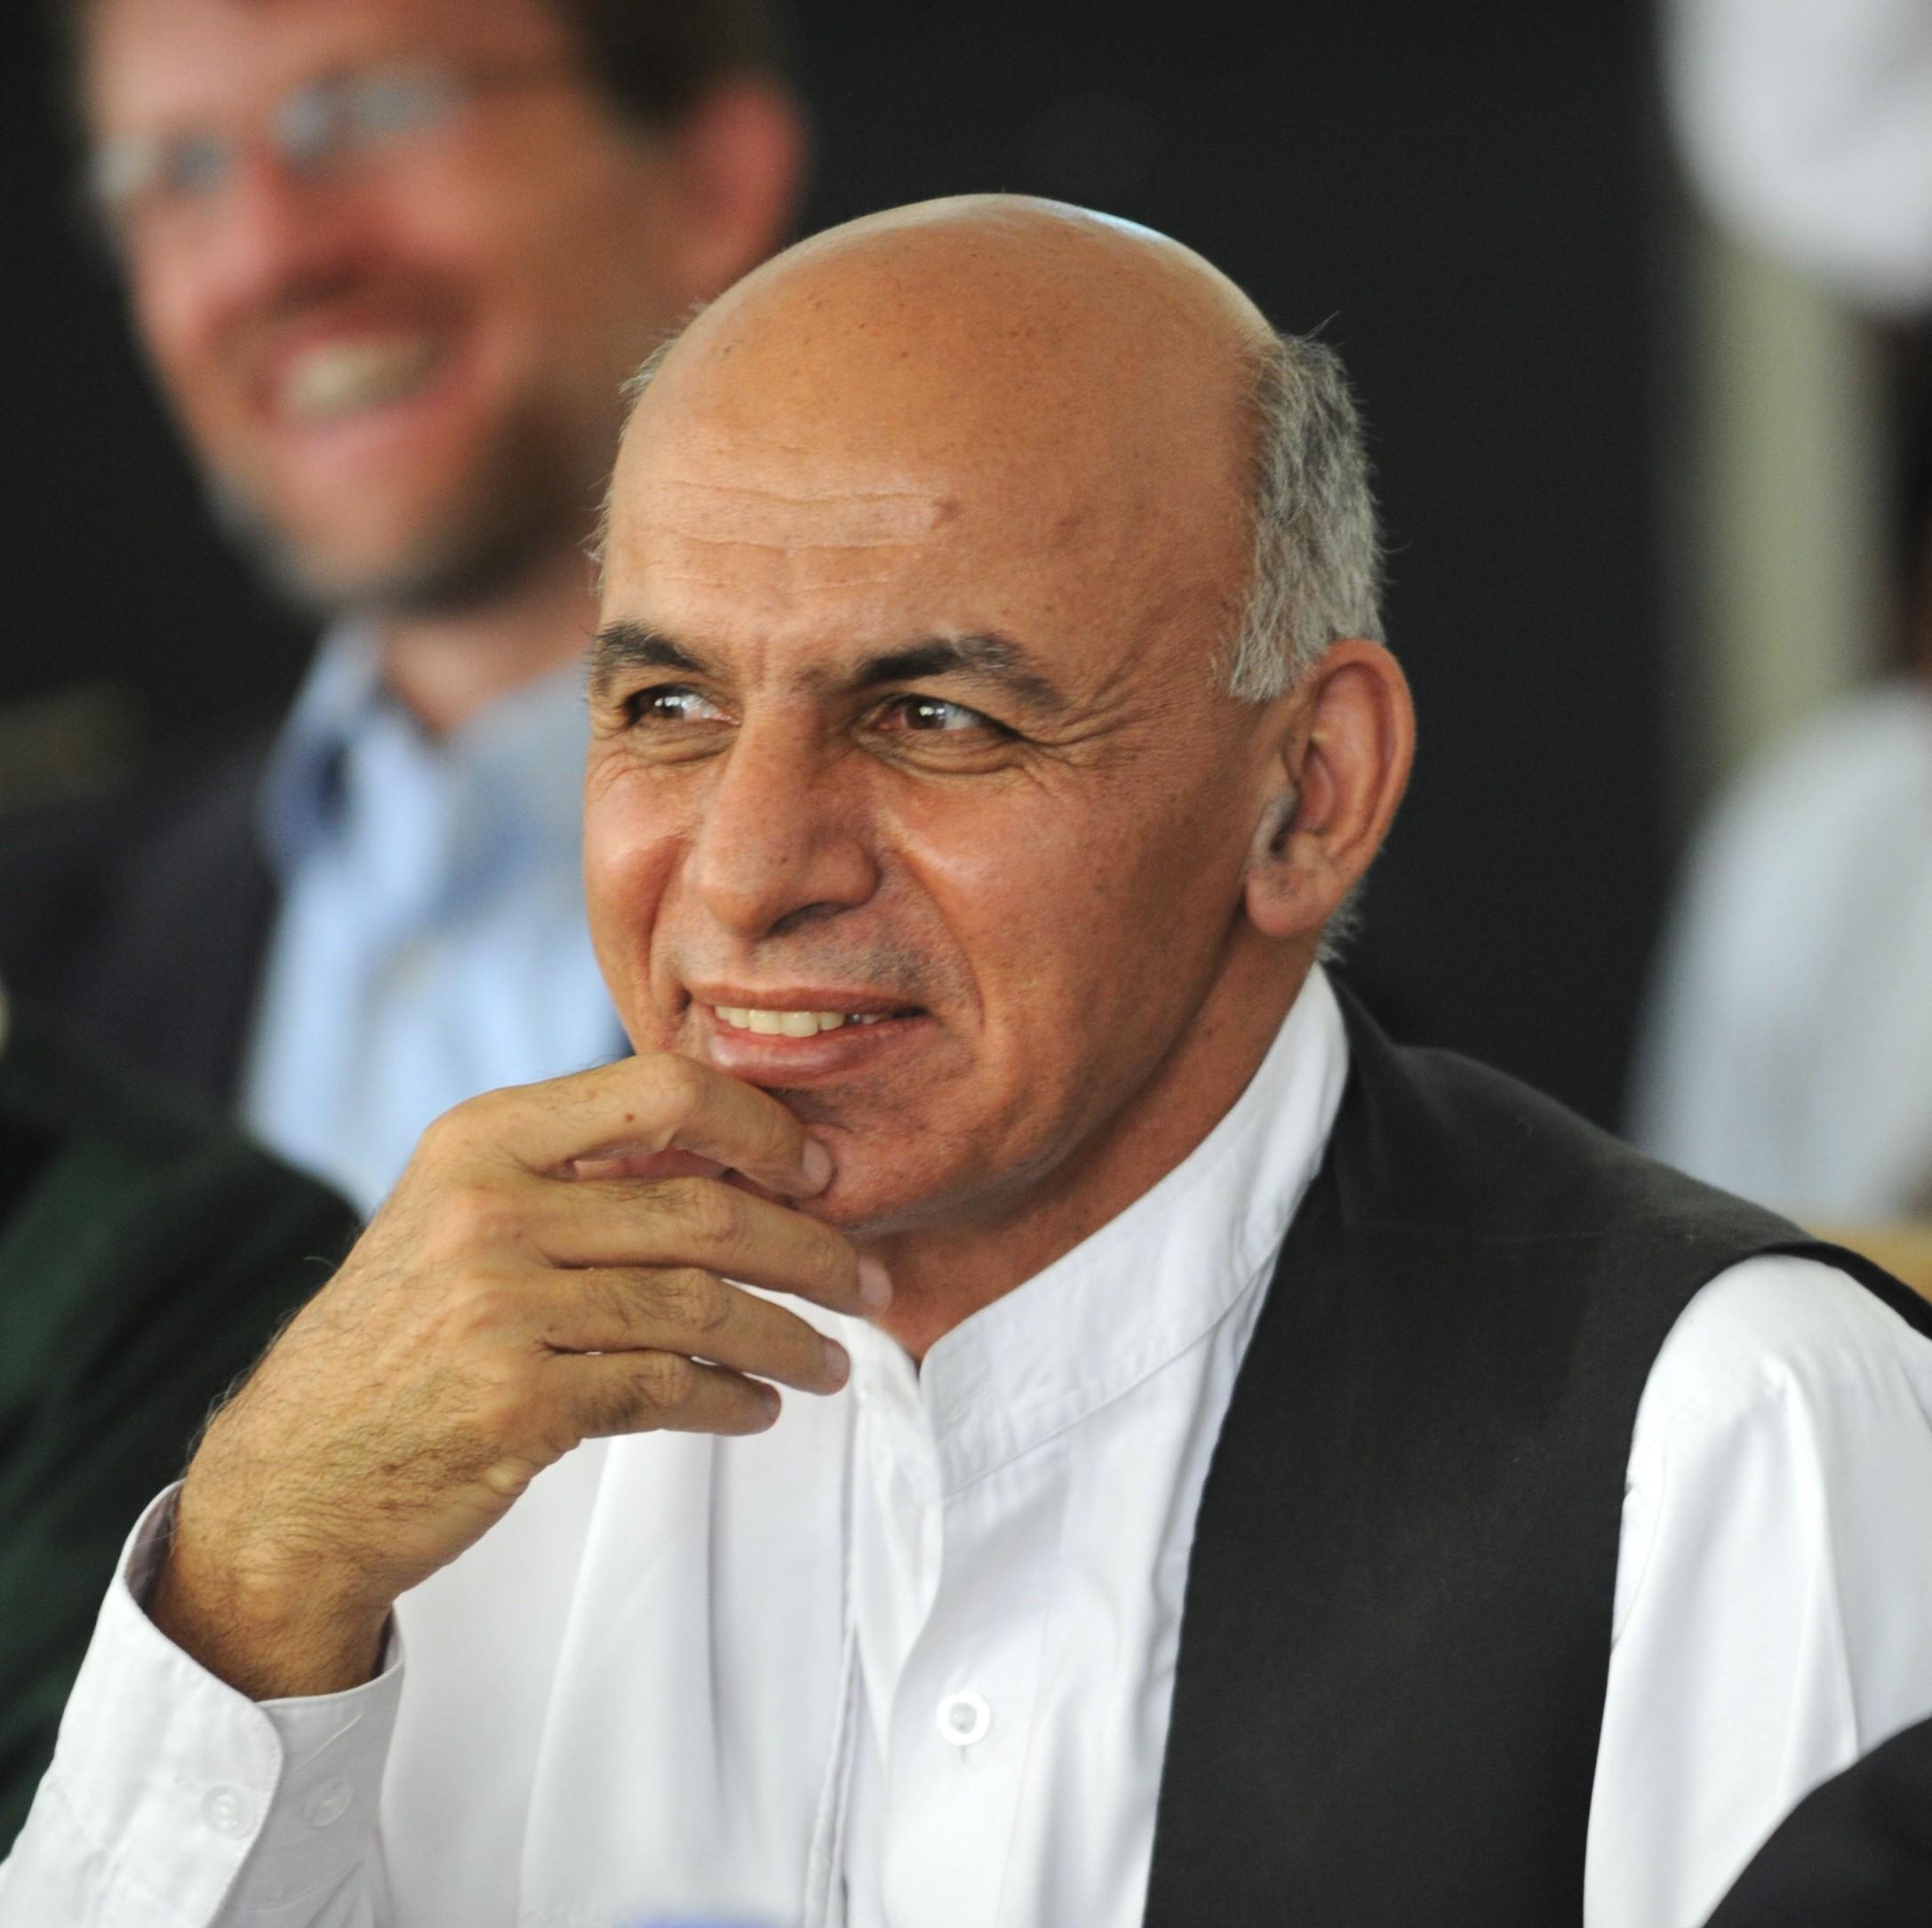 भारत के राष्ट्रपति ने अफगानिस्तान के राष्ट्रपति को बधाई एवं हार्दिक शुभकामनाएं दीं